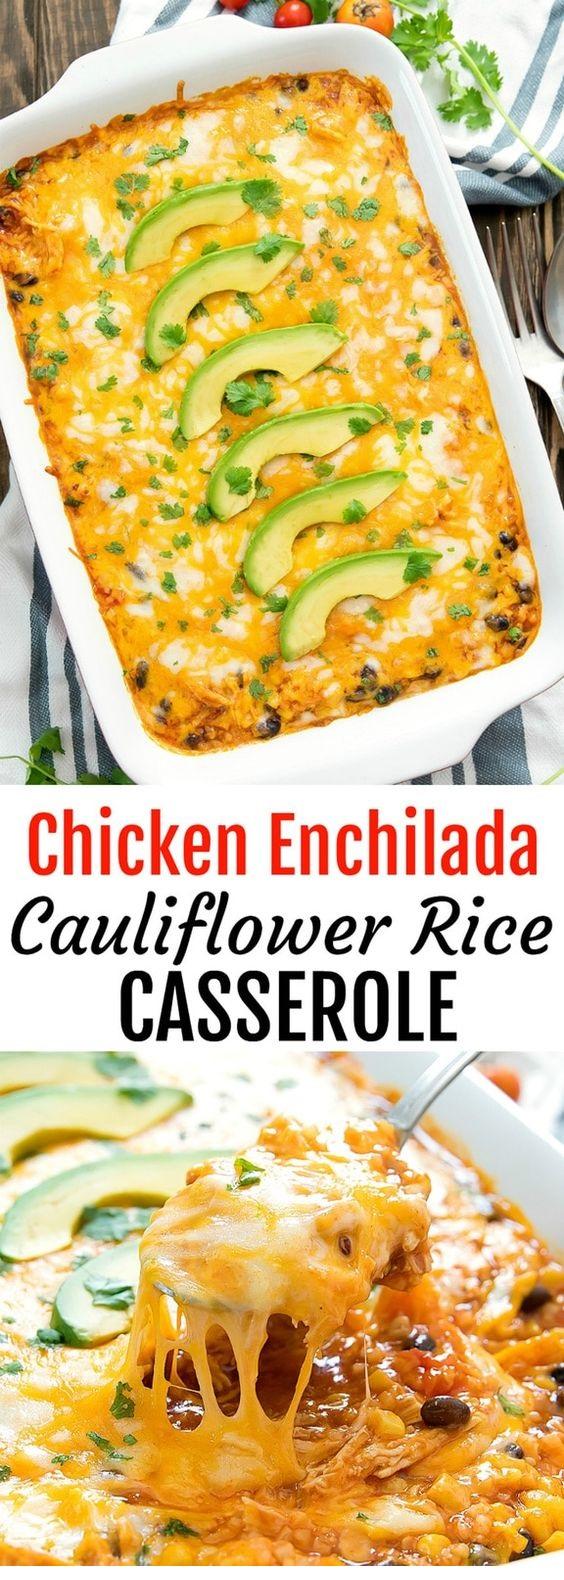 Chicken Enchilada Cauliflower Rice Casserole